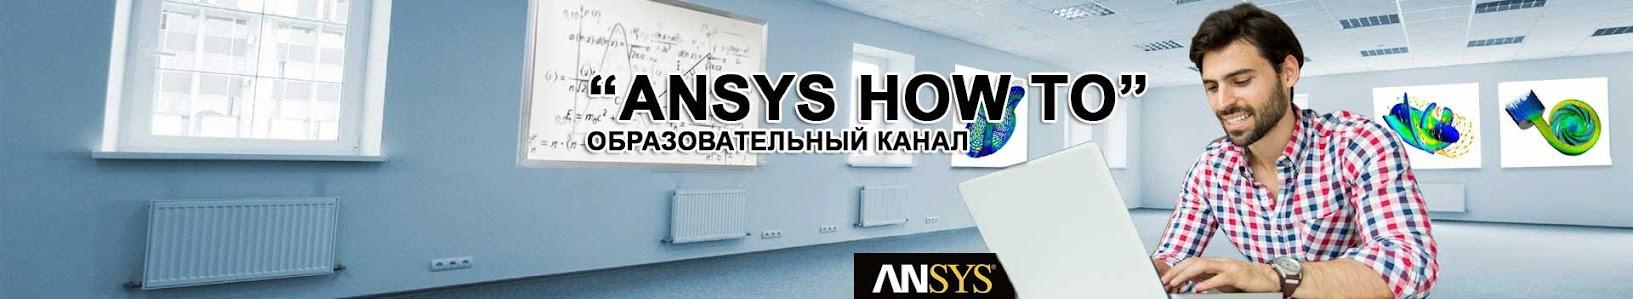 """Видеоролики на образовательном youtube-канале """"ANSYS How To"""""""